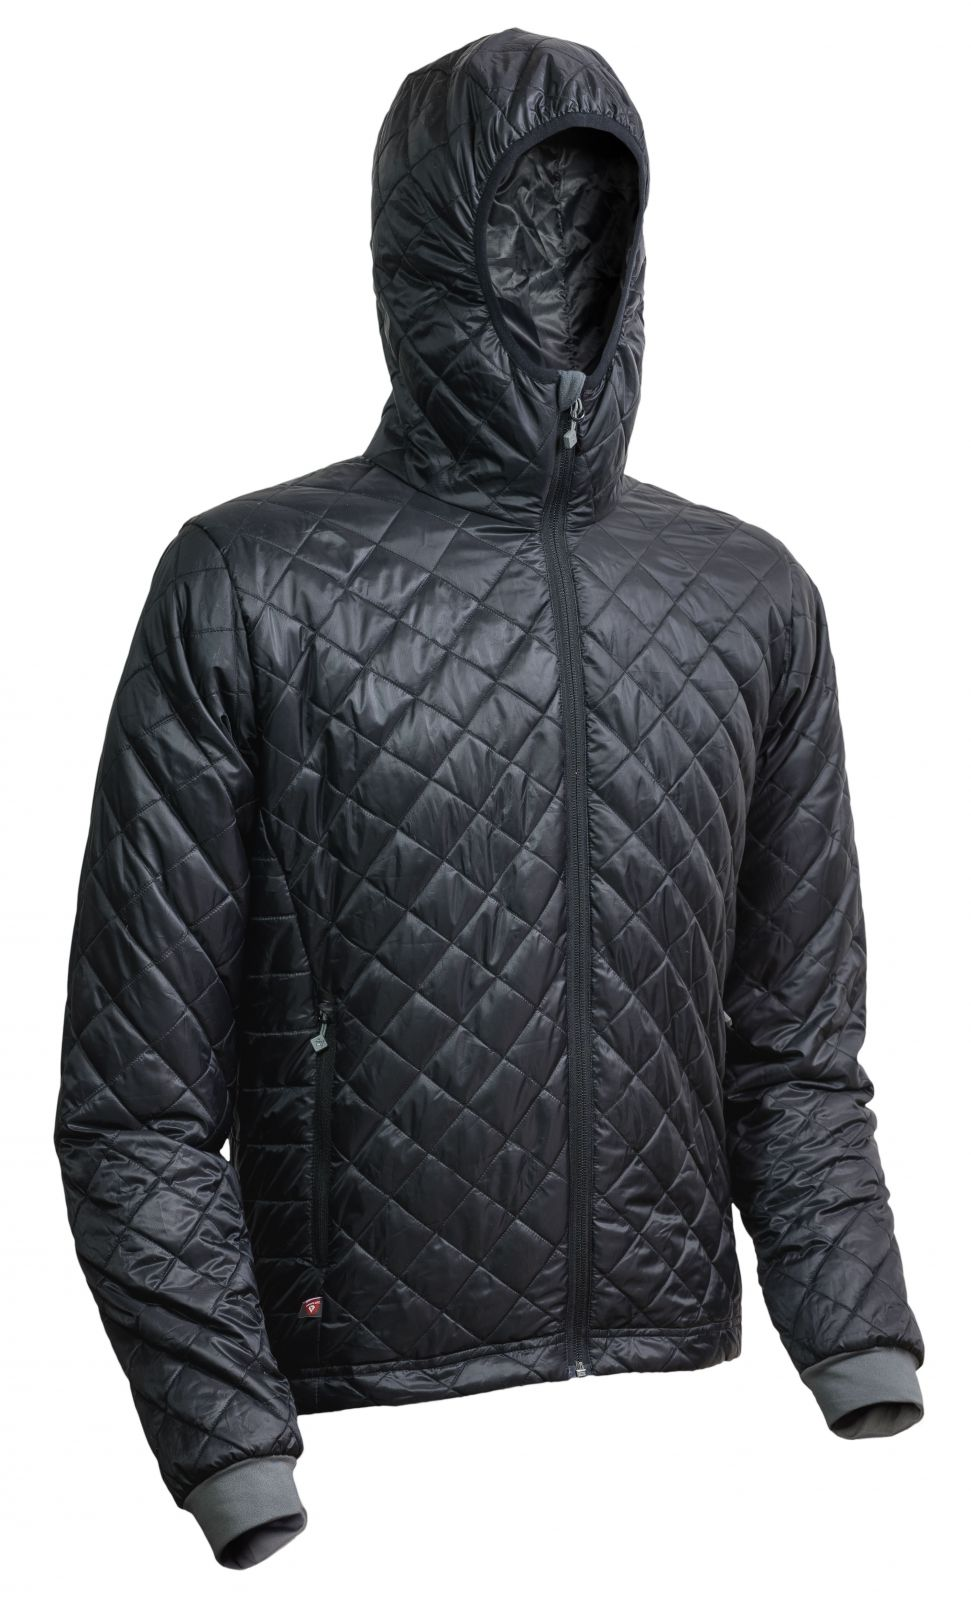 Tazz-Sport - Warmpeace Spirit black / black pánská bunda zateplená PrimaLoftem